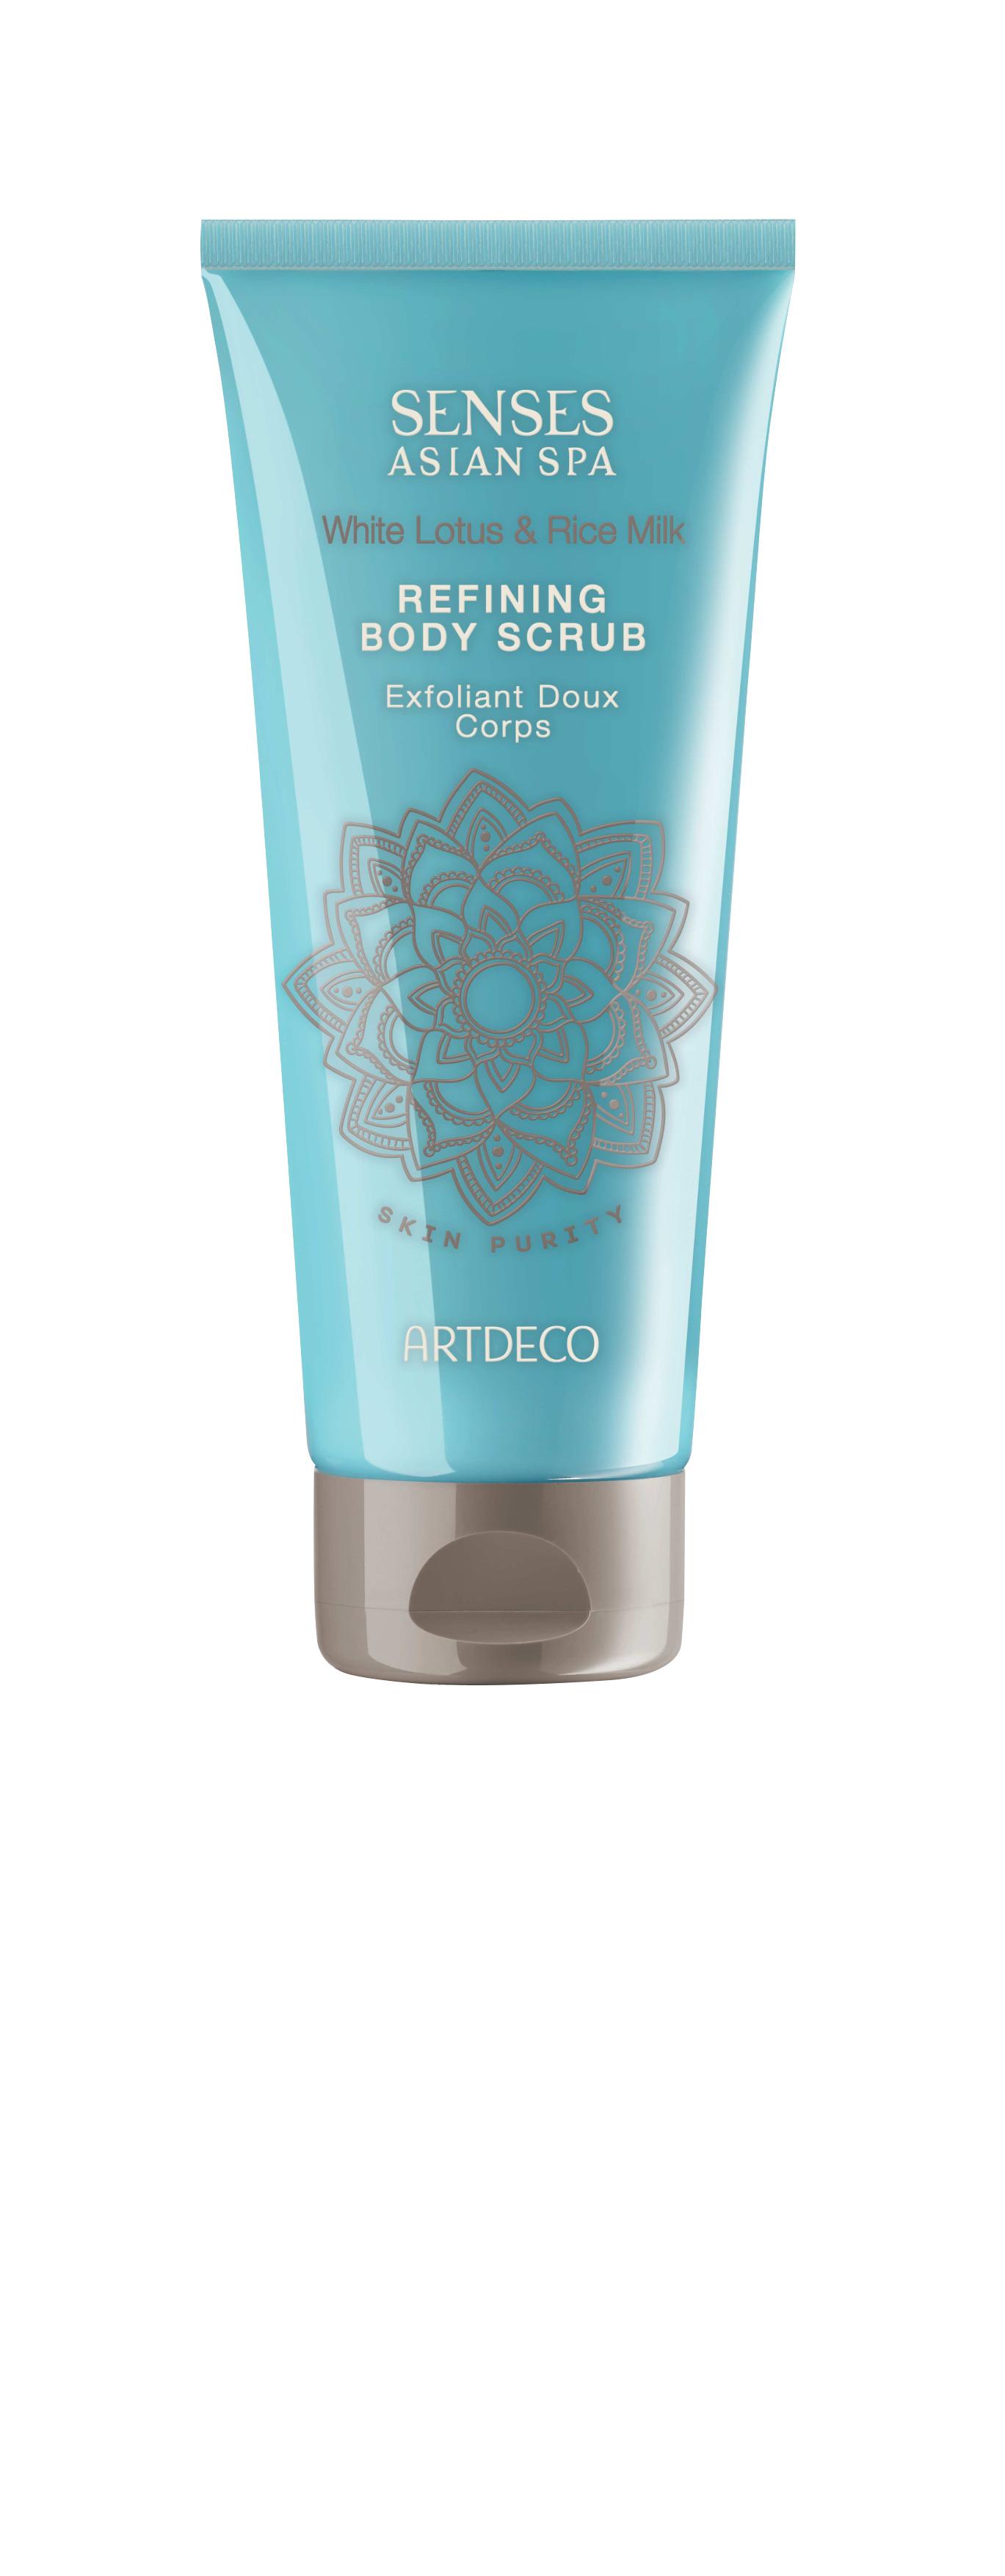 Artdeco скраб для тела очищающий Refining body scrub, skin purity, 200 млFS-00897Делает кожу гладкой, убирает ороговевшие частички Улучшает микроциркуляцию